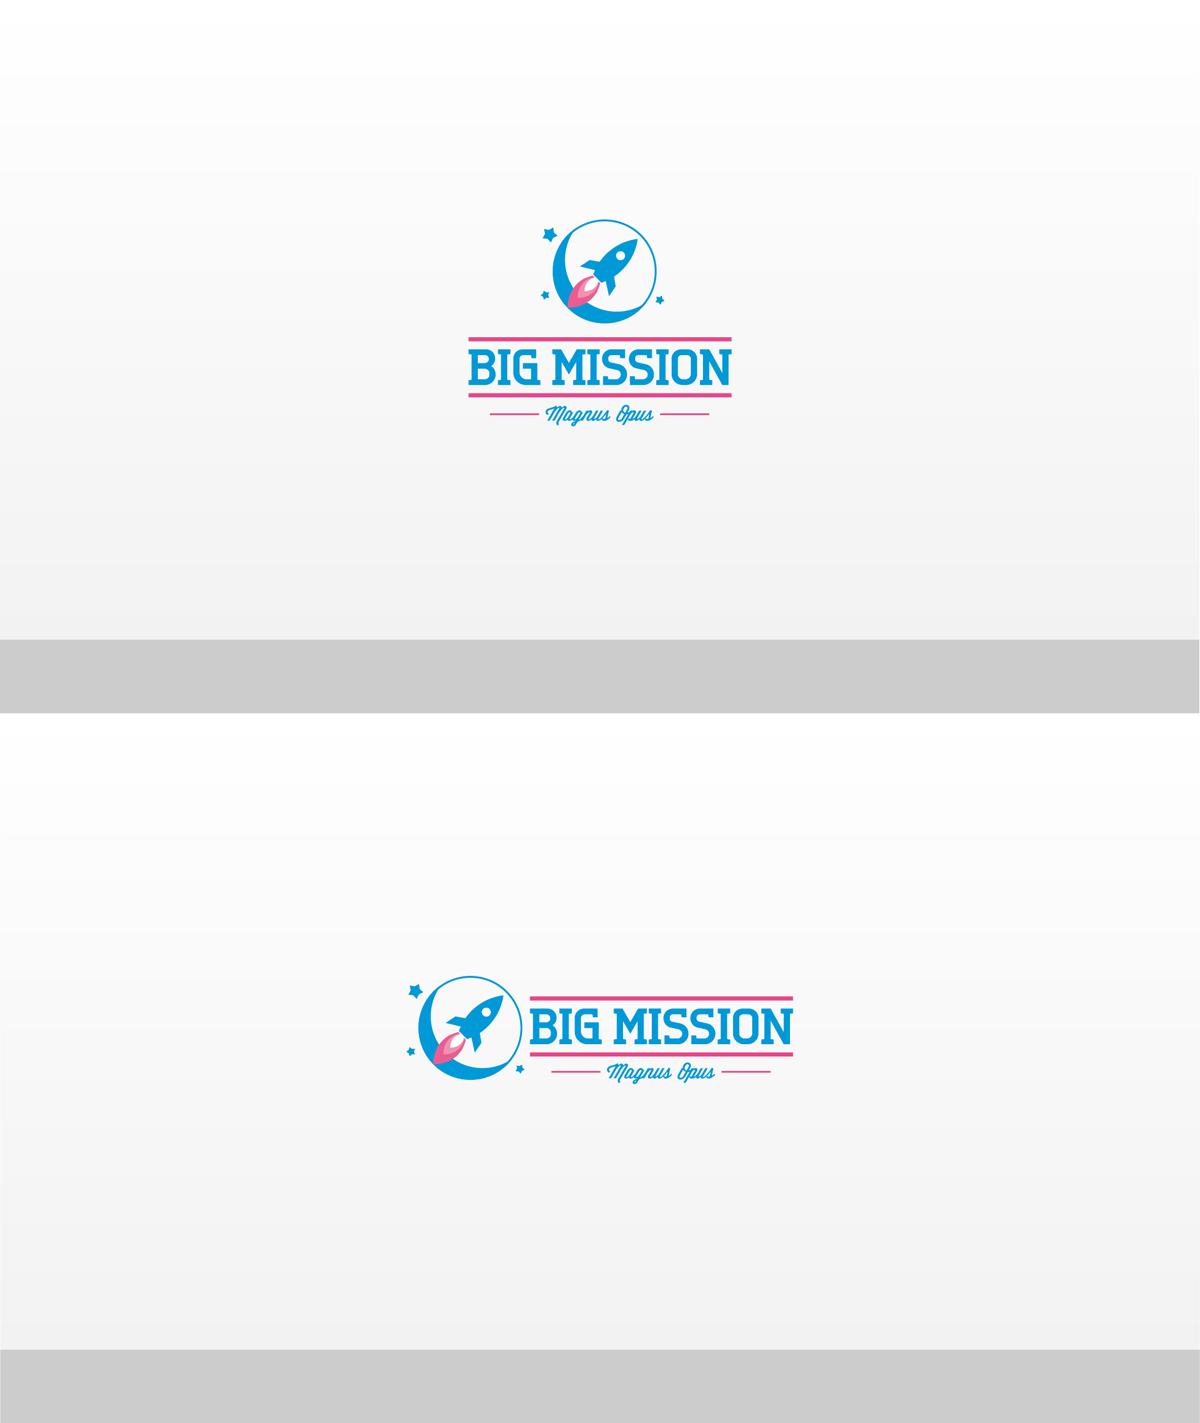 logo for BIG MISSION